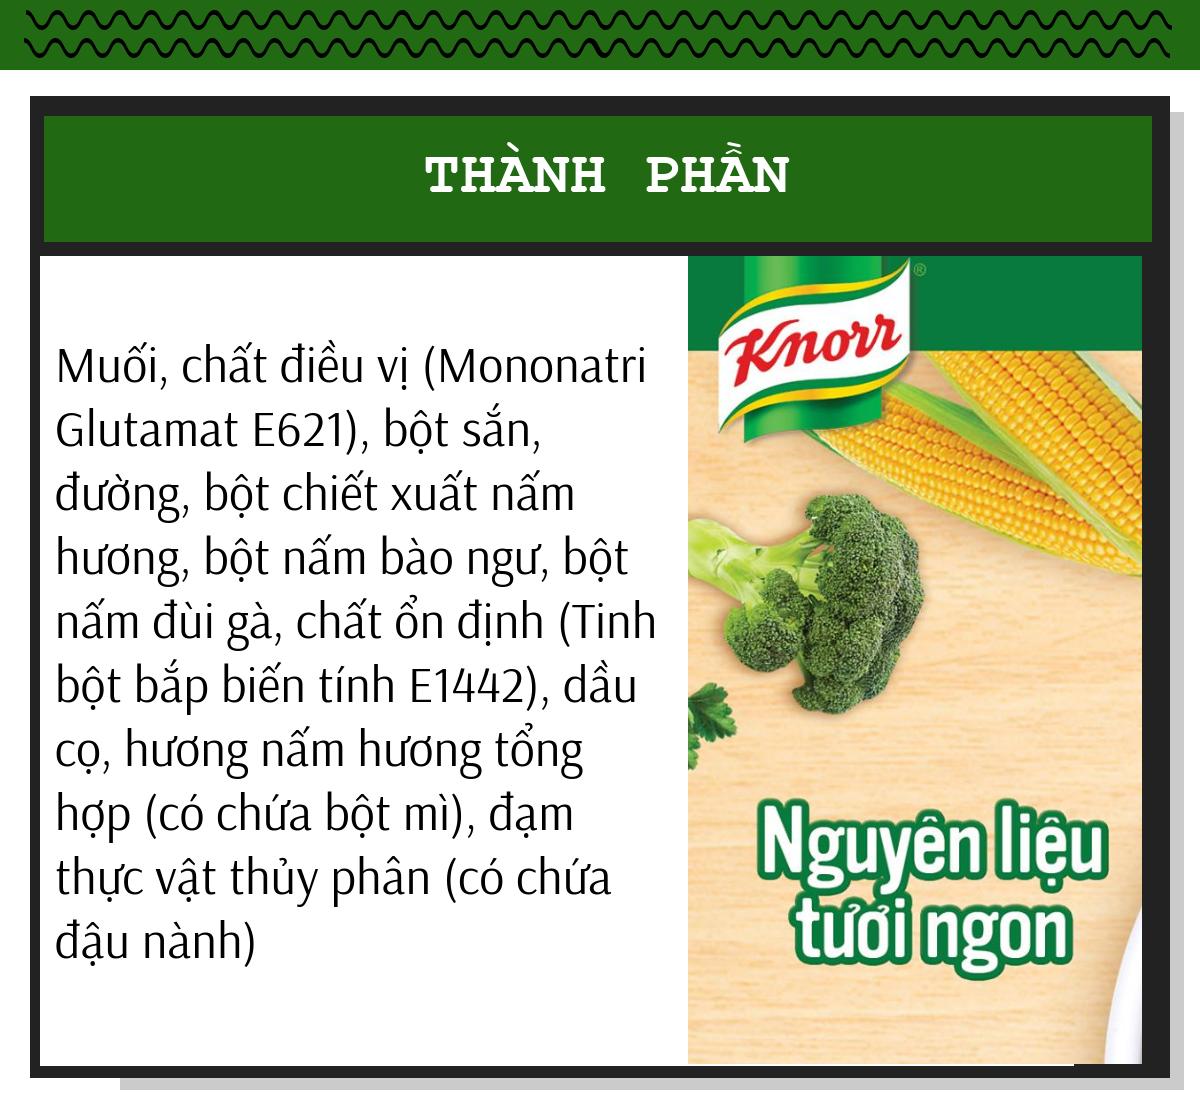 Thành phần hạt nêm chay nấm hương Knorr